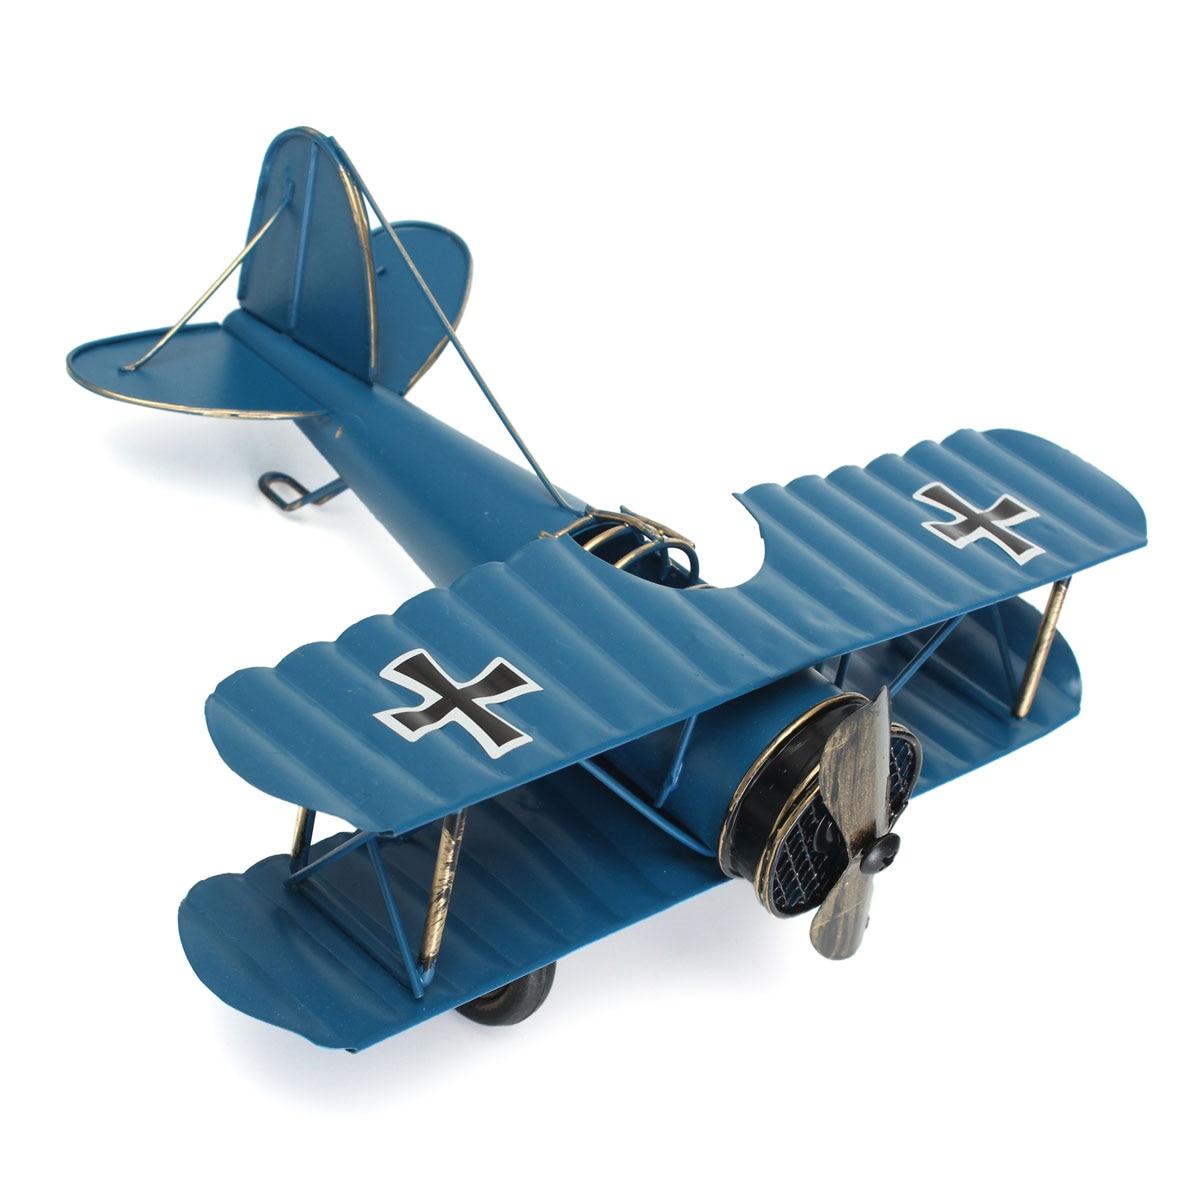 Biplane Toys 88